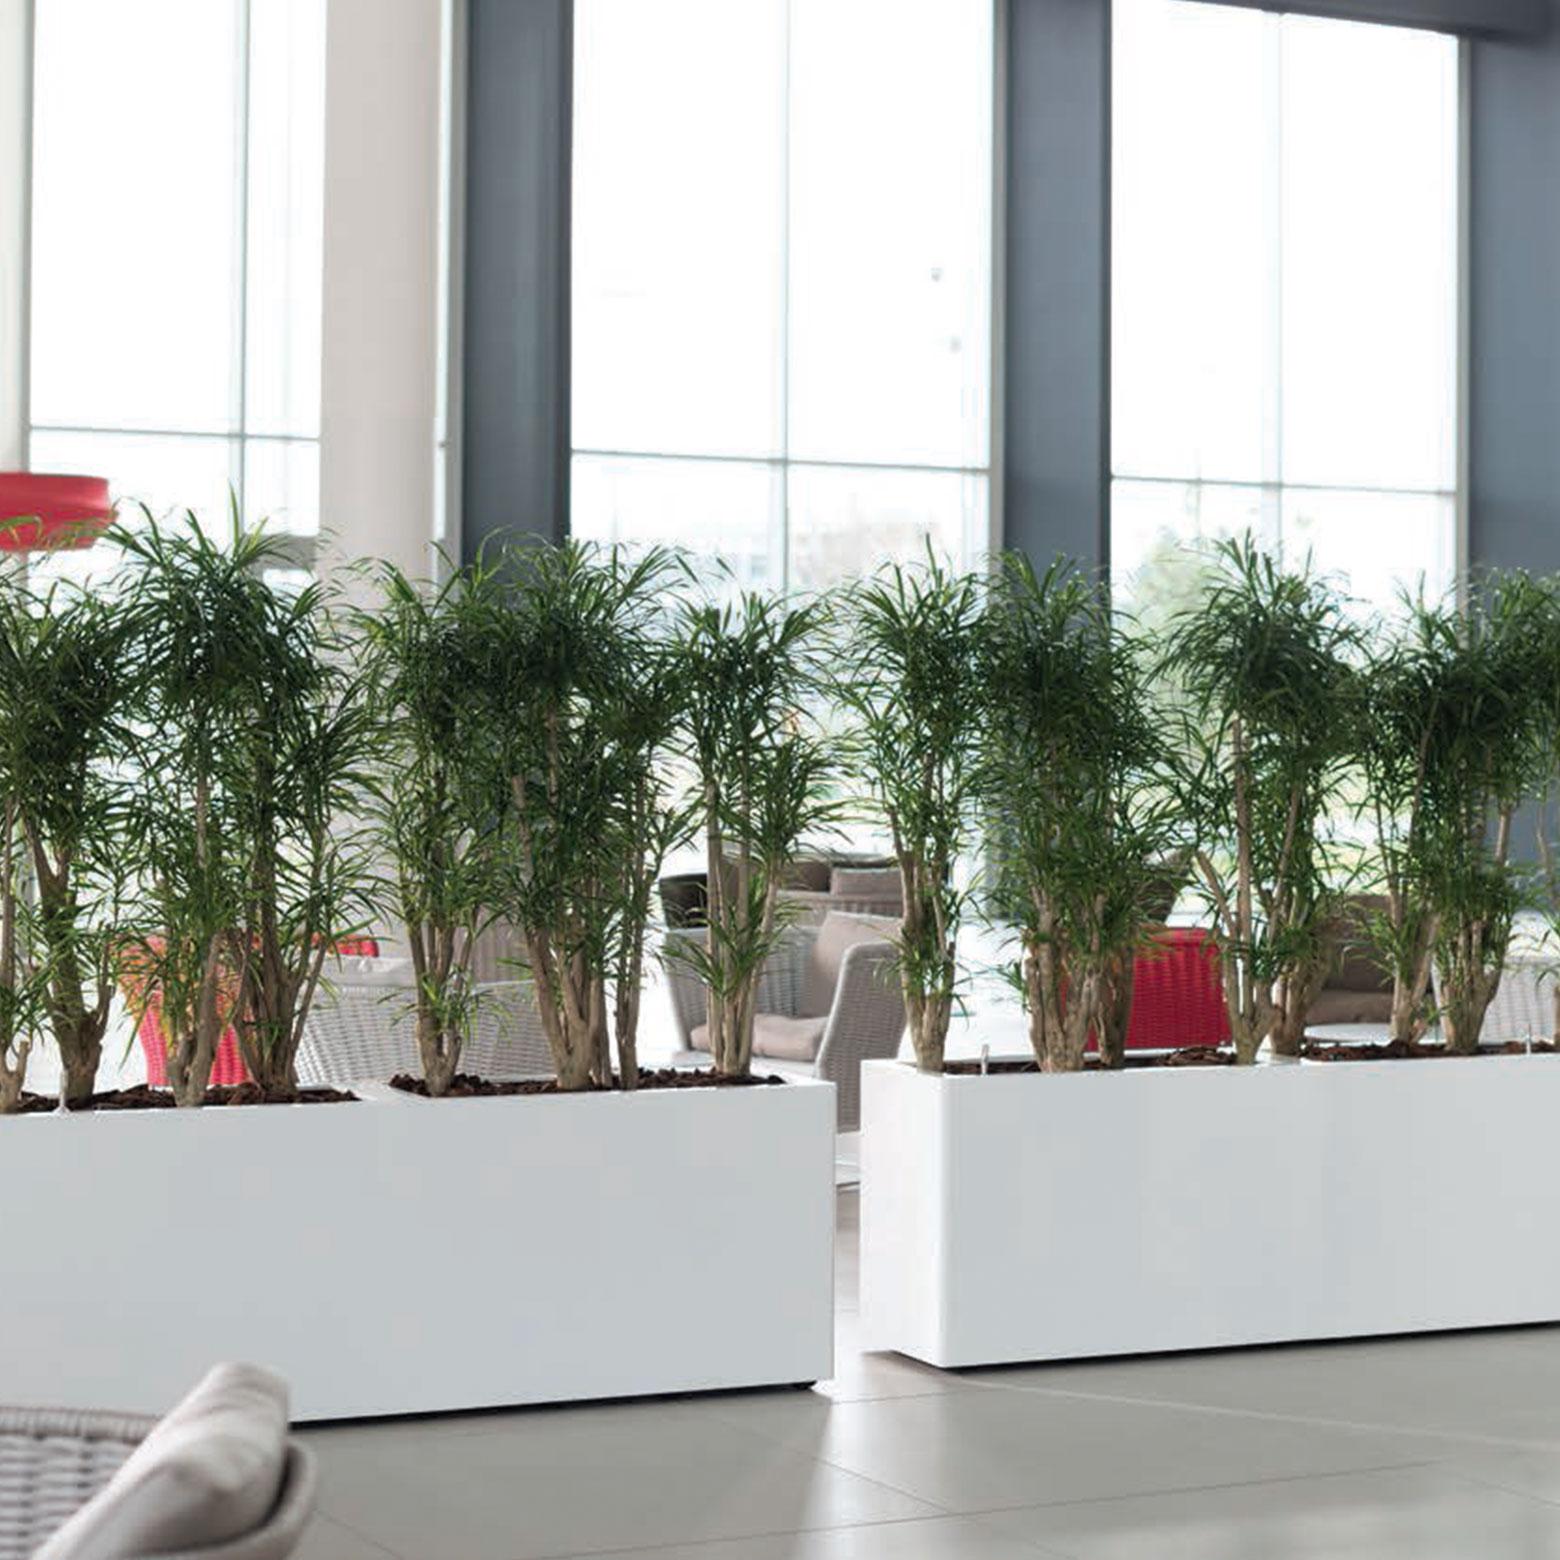 - lange hoge plantenbakken witte roomdivider afscheiding ruimtes ruimten interieur - interieurbeplanting kantoorplanten kantoorbeplanting hydrocultuur onderhoud planten plantenonderhoud moswand moswanden